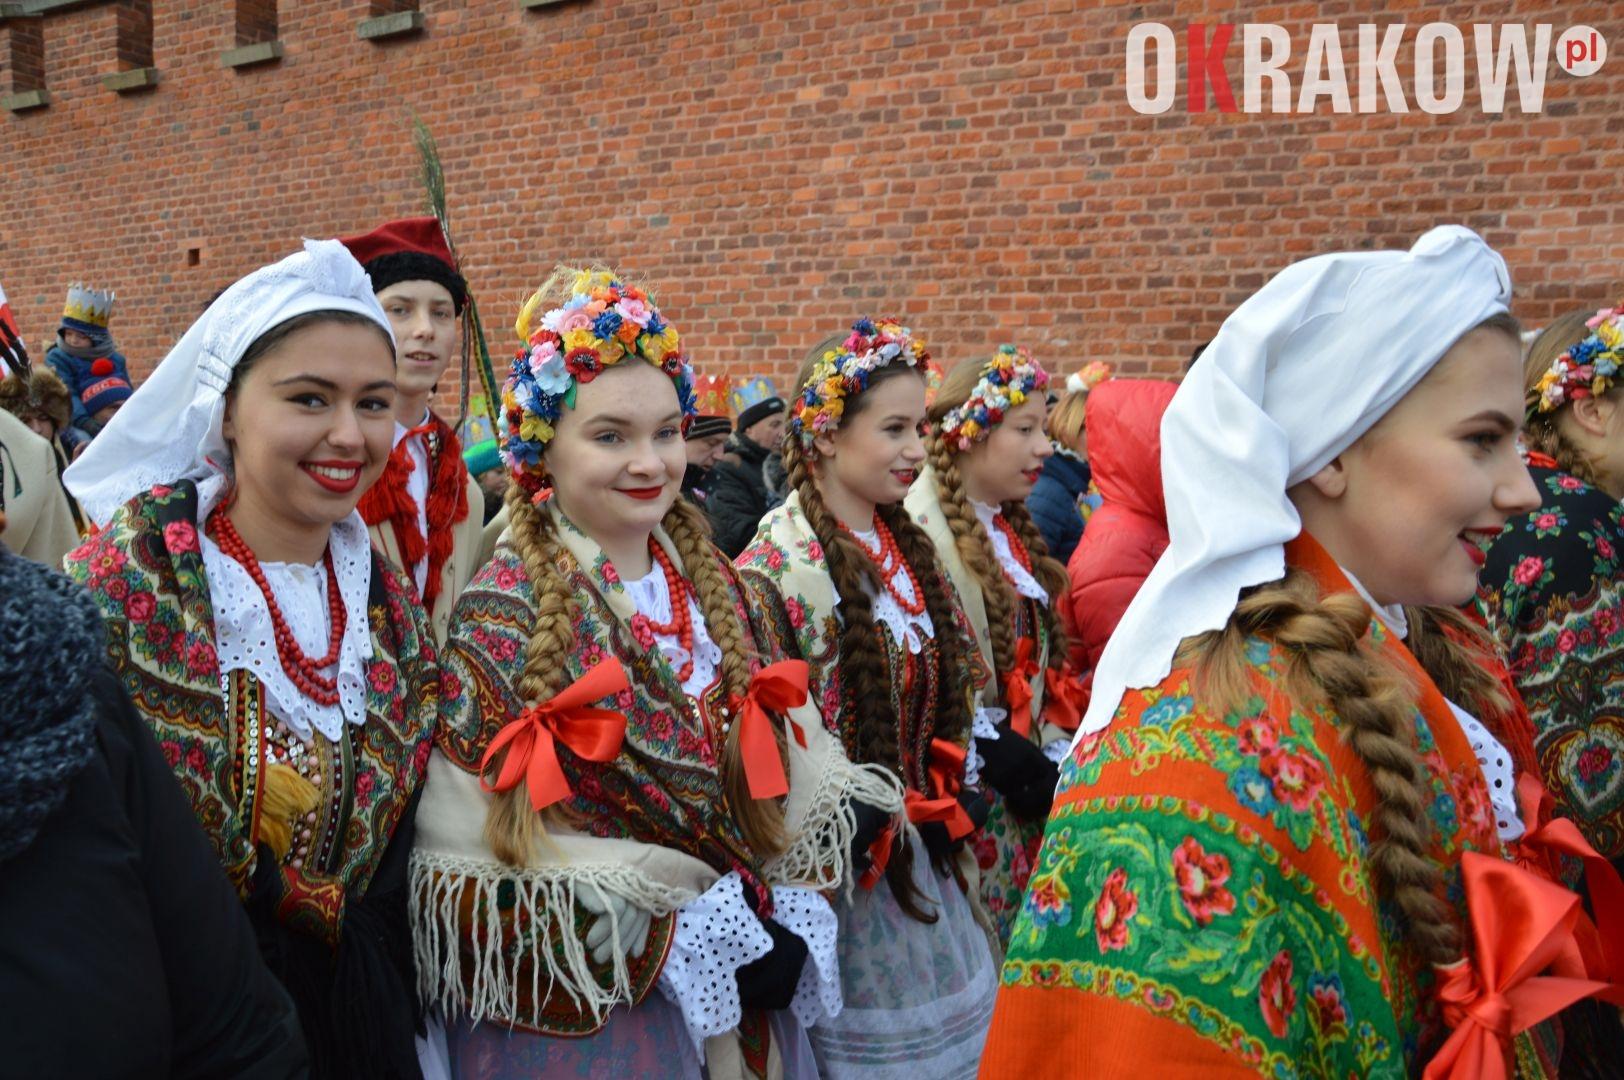 orszak 24 1 150x150 - Orszak Trzech Króli Kraków 2020 Galeria Zdjęć z Orszaku (czerwonego)